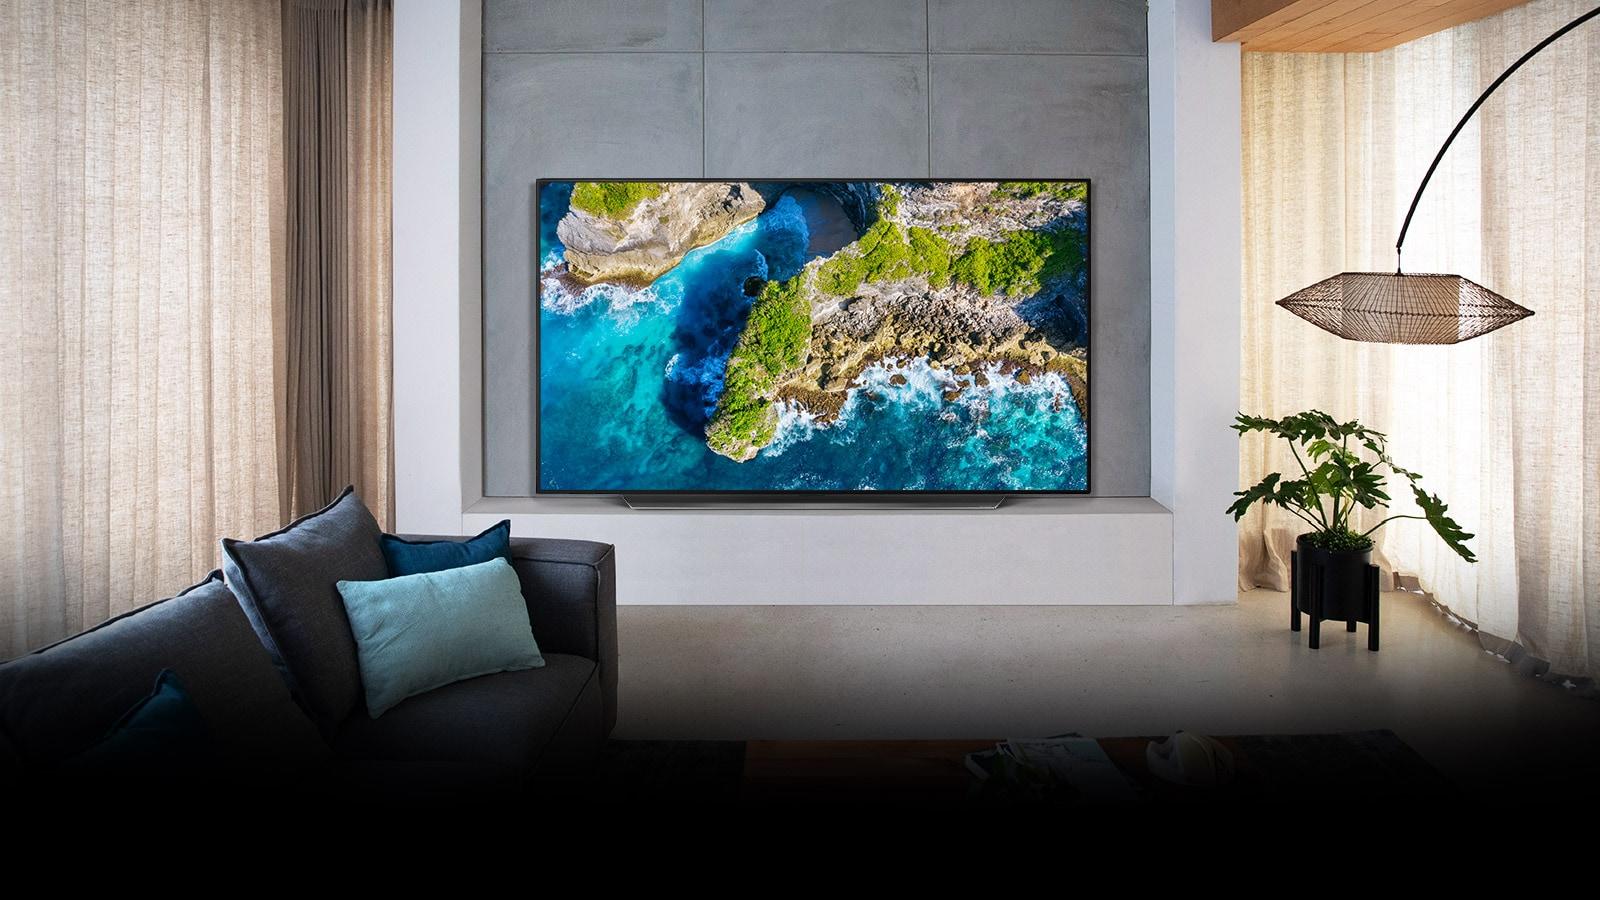 Fernseher mit einer Naturaufnahme in einem luxuriösen Haus